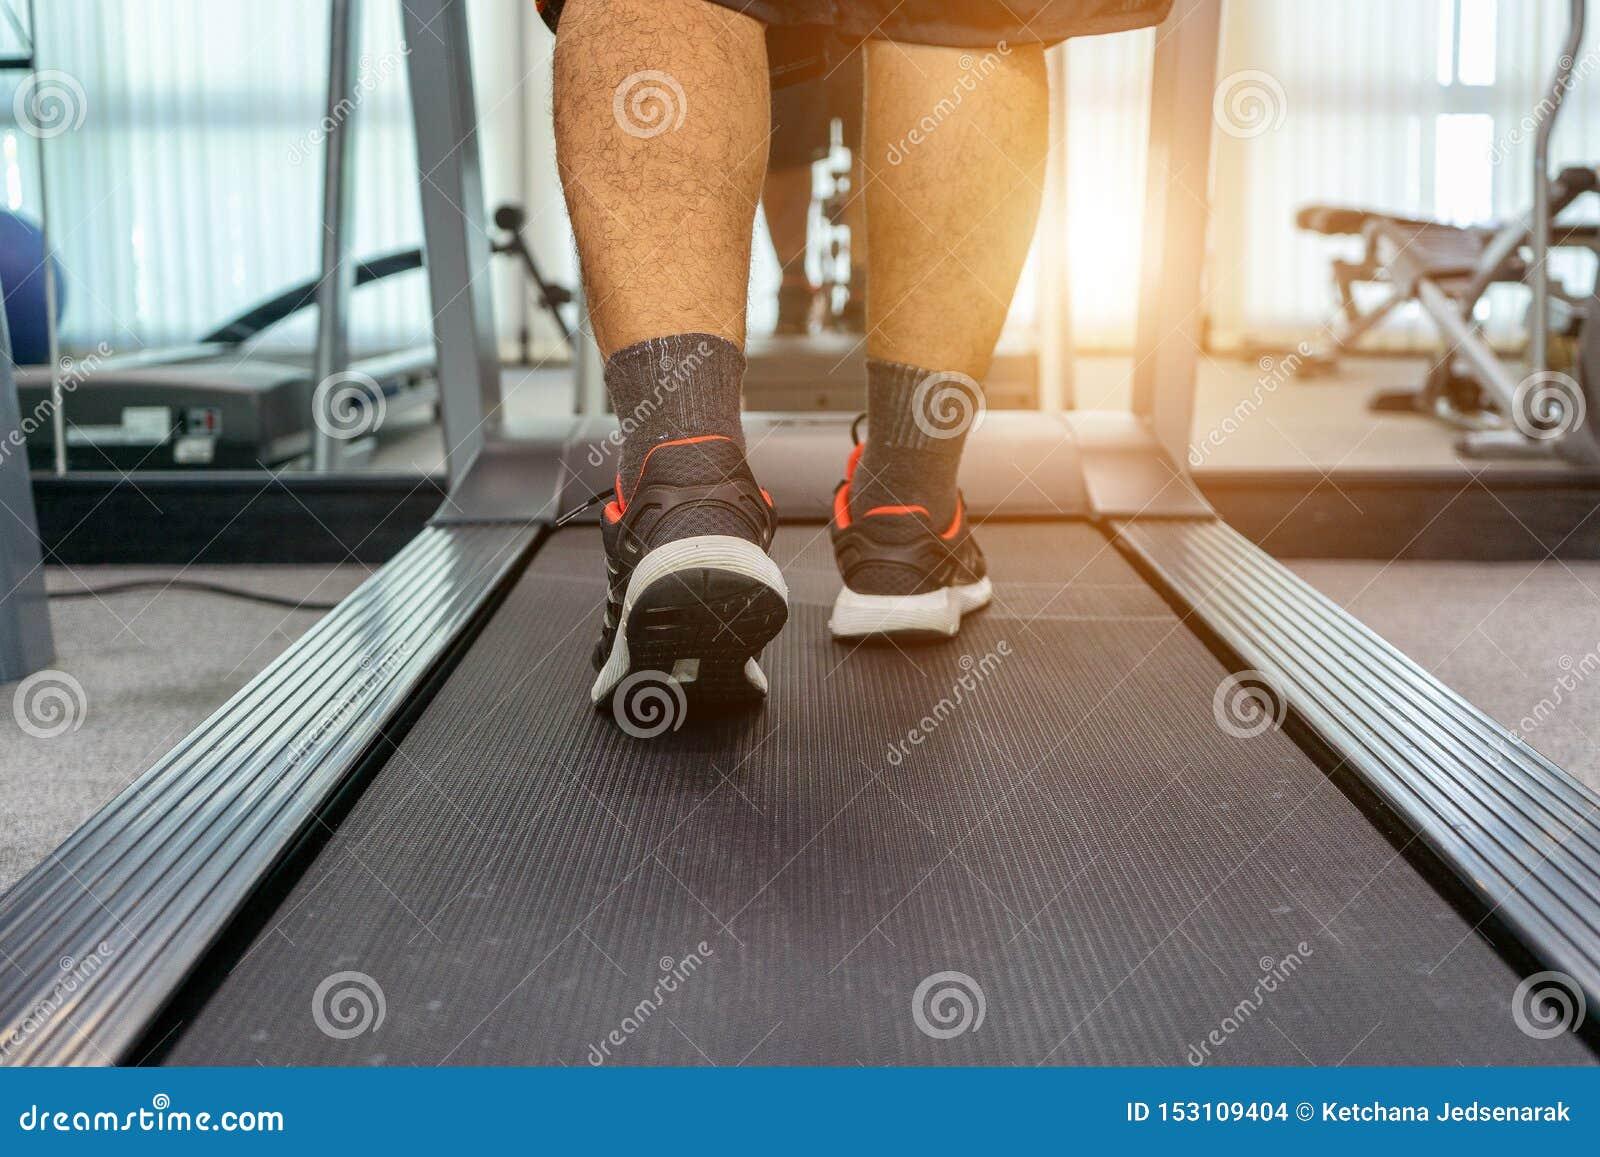 Люди работают путем бег на третбане после работы в фитнес-центре деятельности крытом как здоровое тело спорт концепции